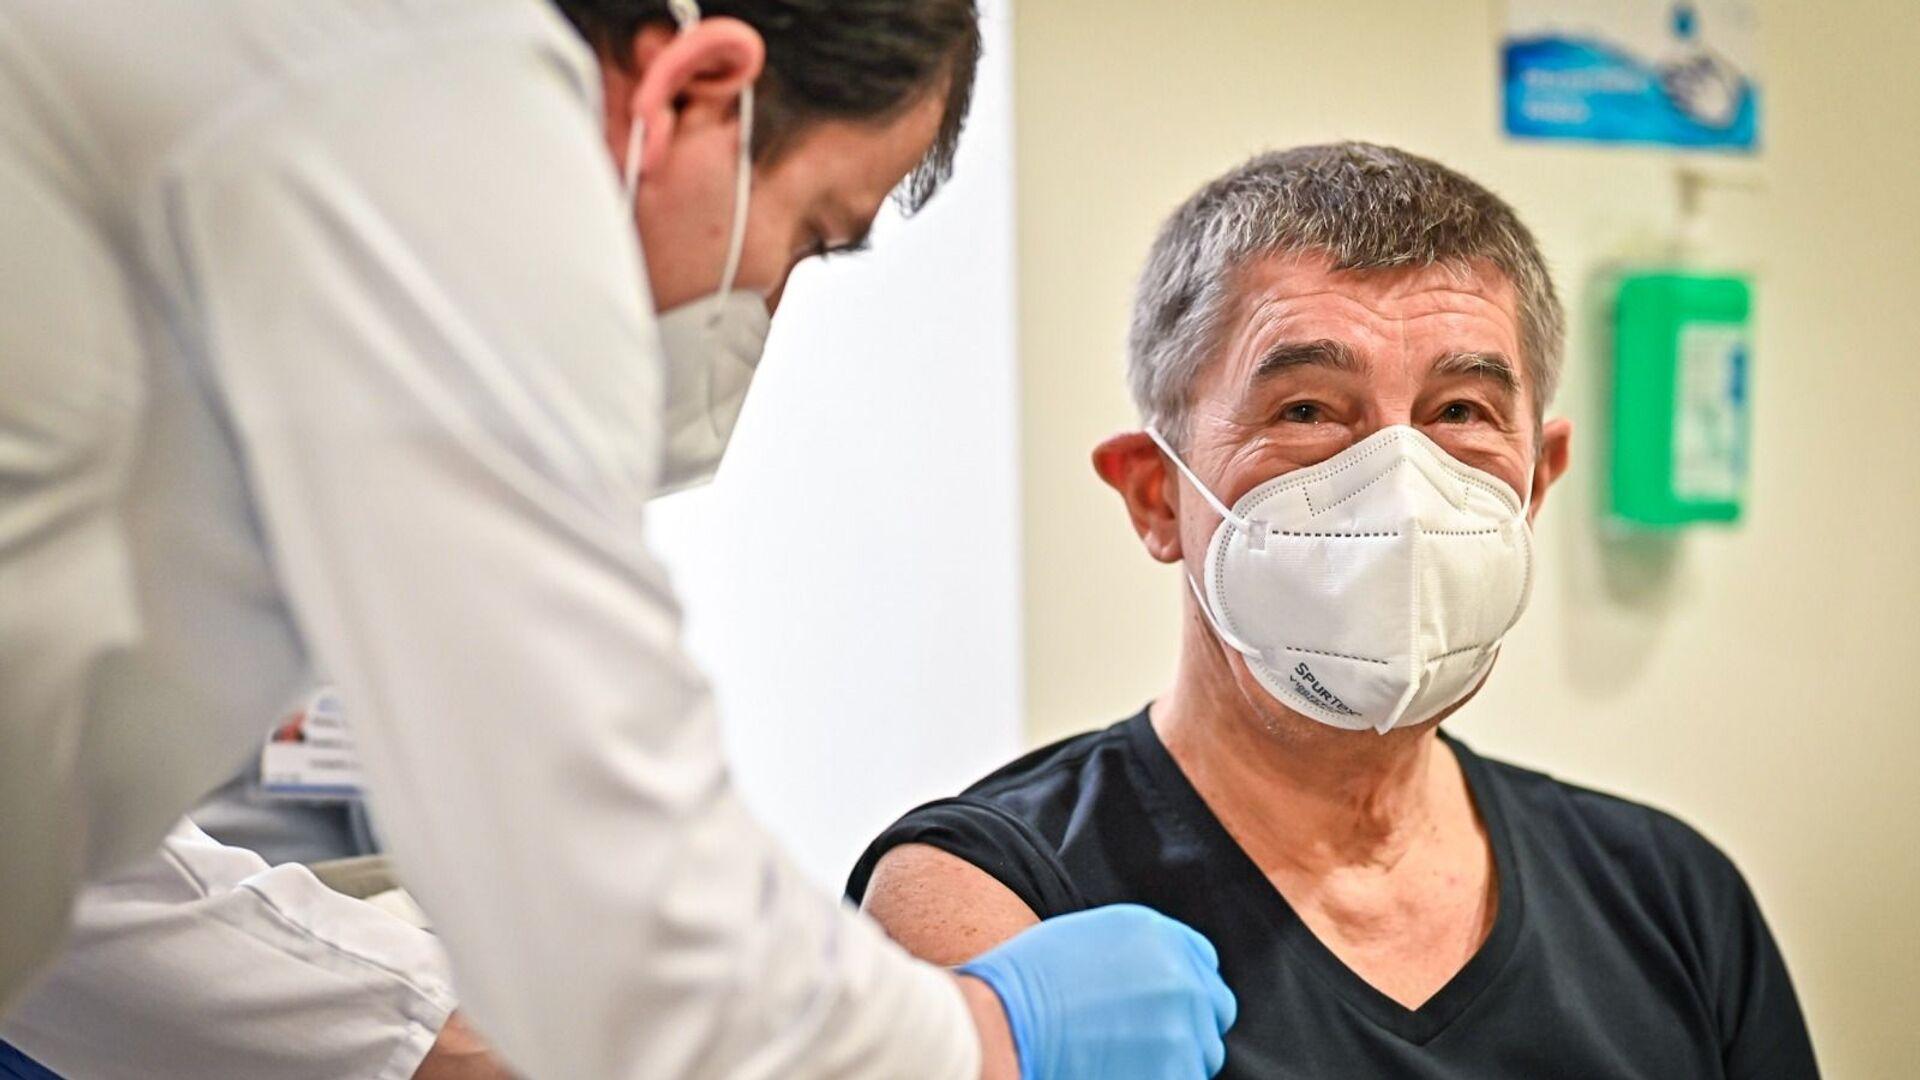 Premiér ČR Andrej Babiš si nechal píchnout druhou dávku vakcíny - Sputnik Česká republika, 1920, 05.02.2021